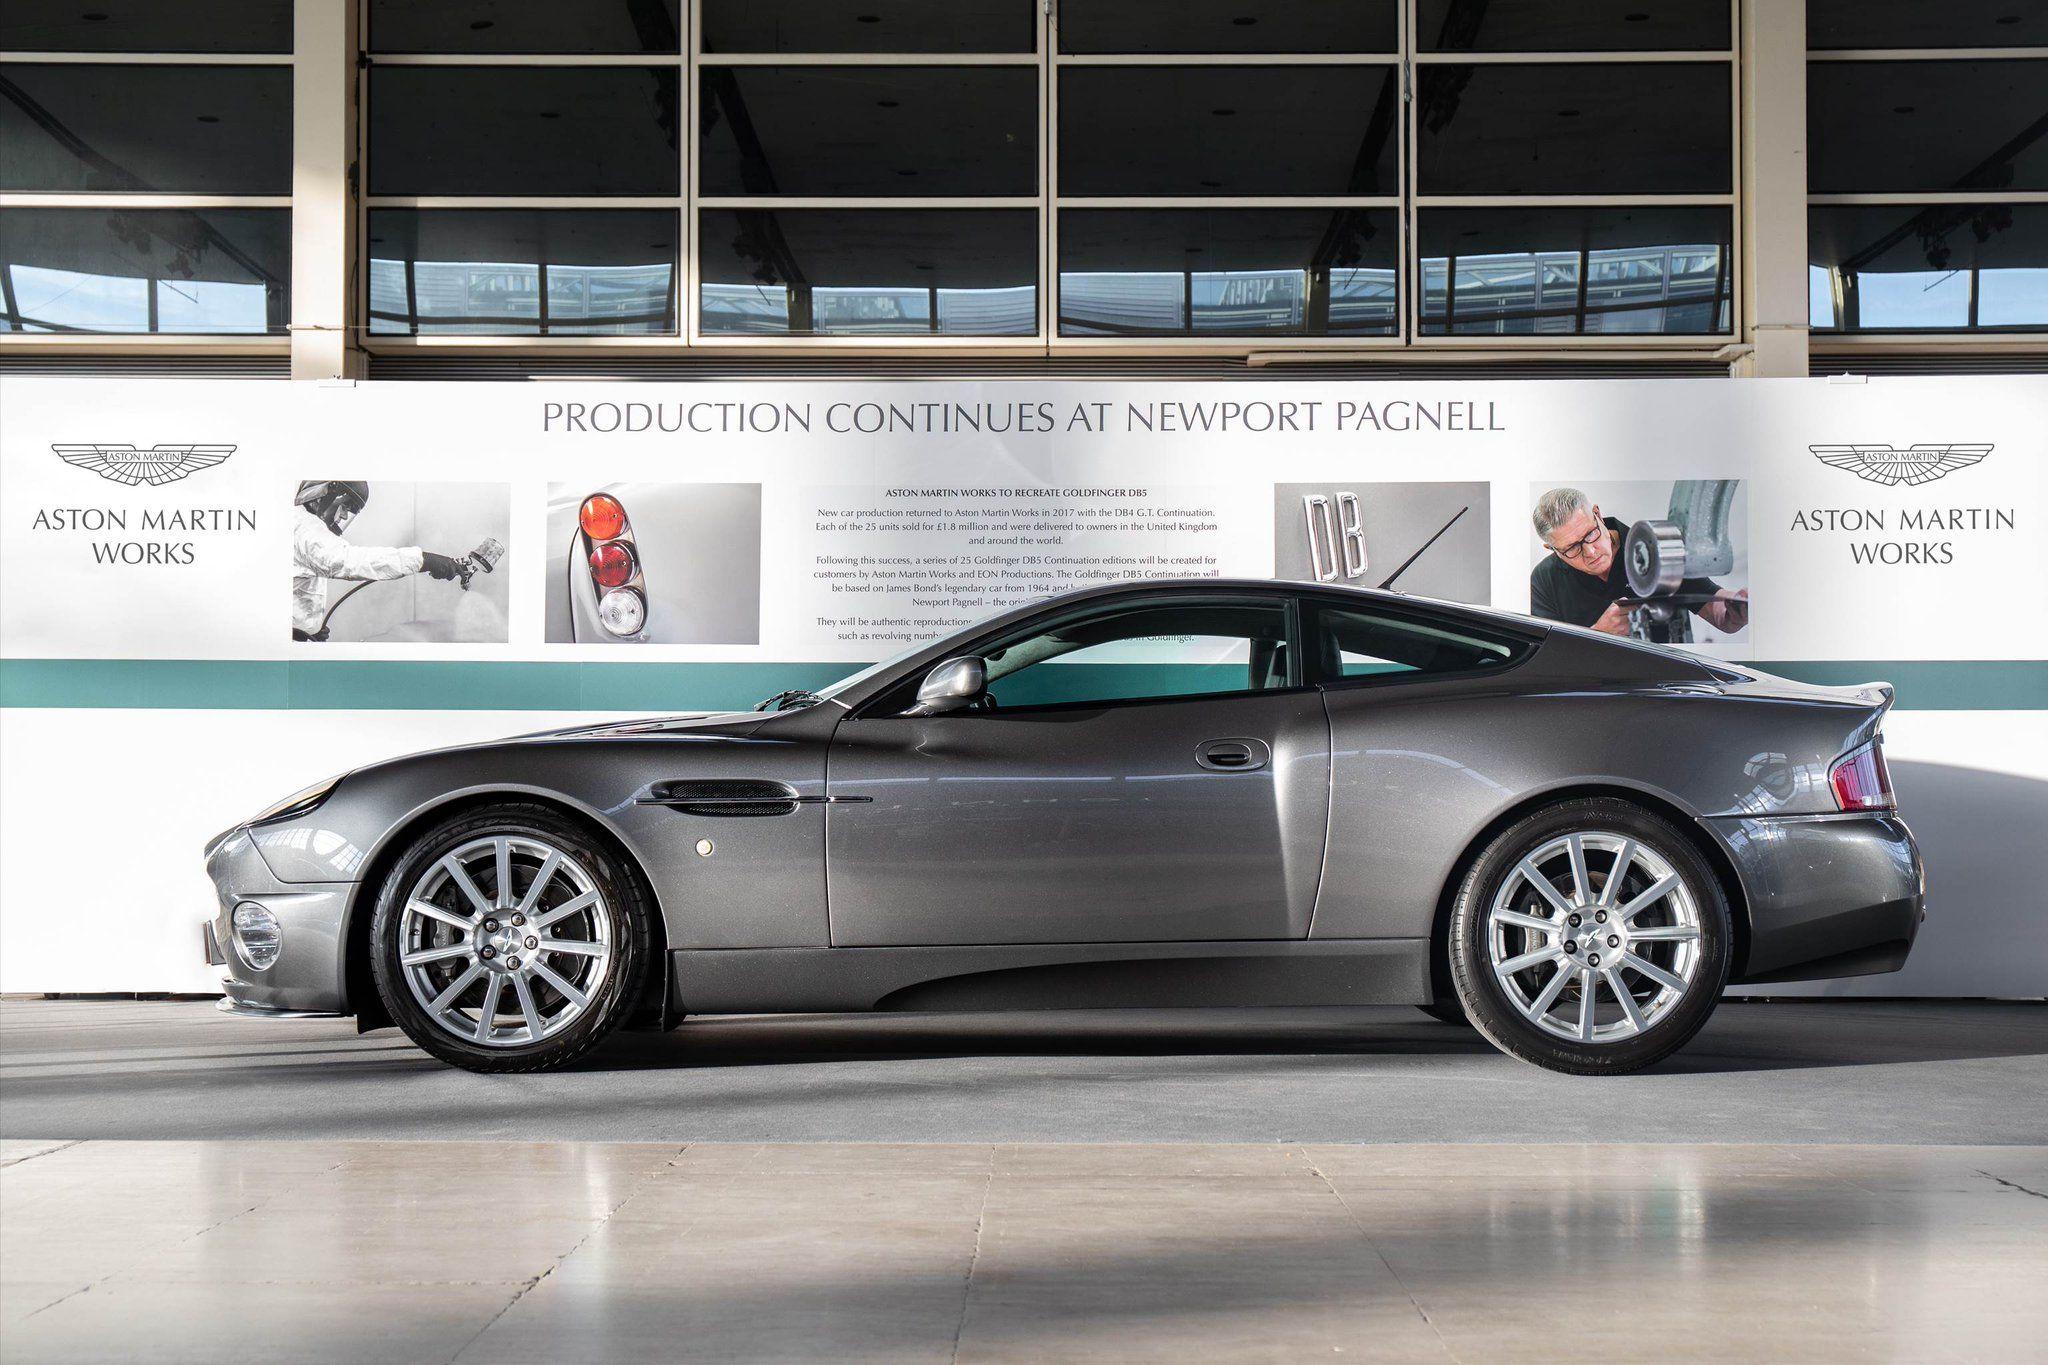 Aston Martin Works On Twitter Aston Martin Aston Newport Pagnell